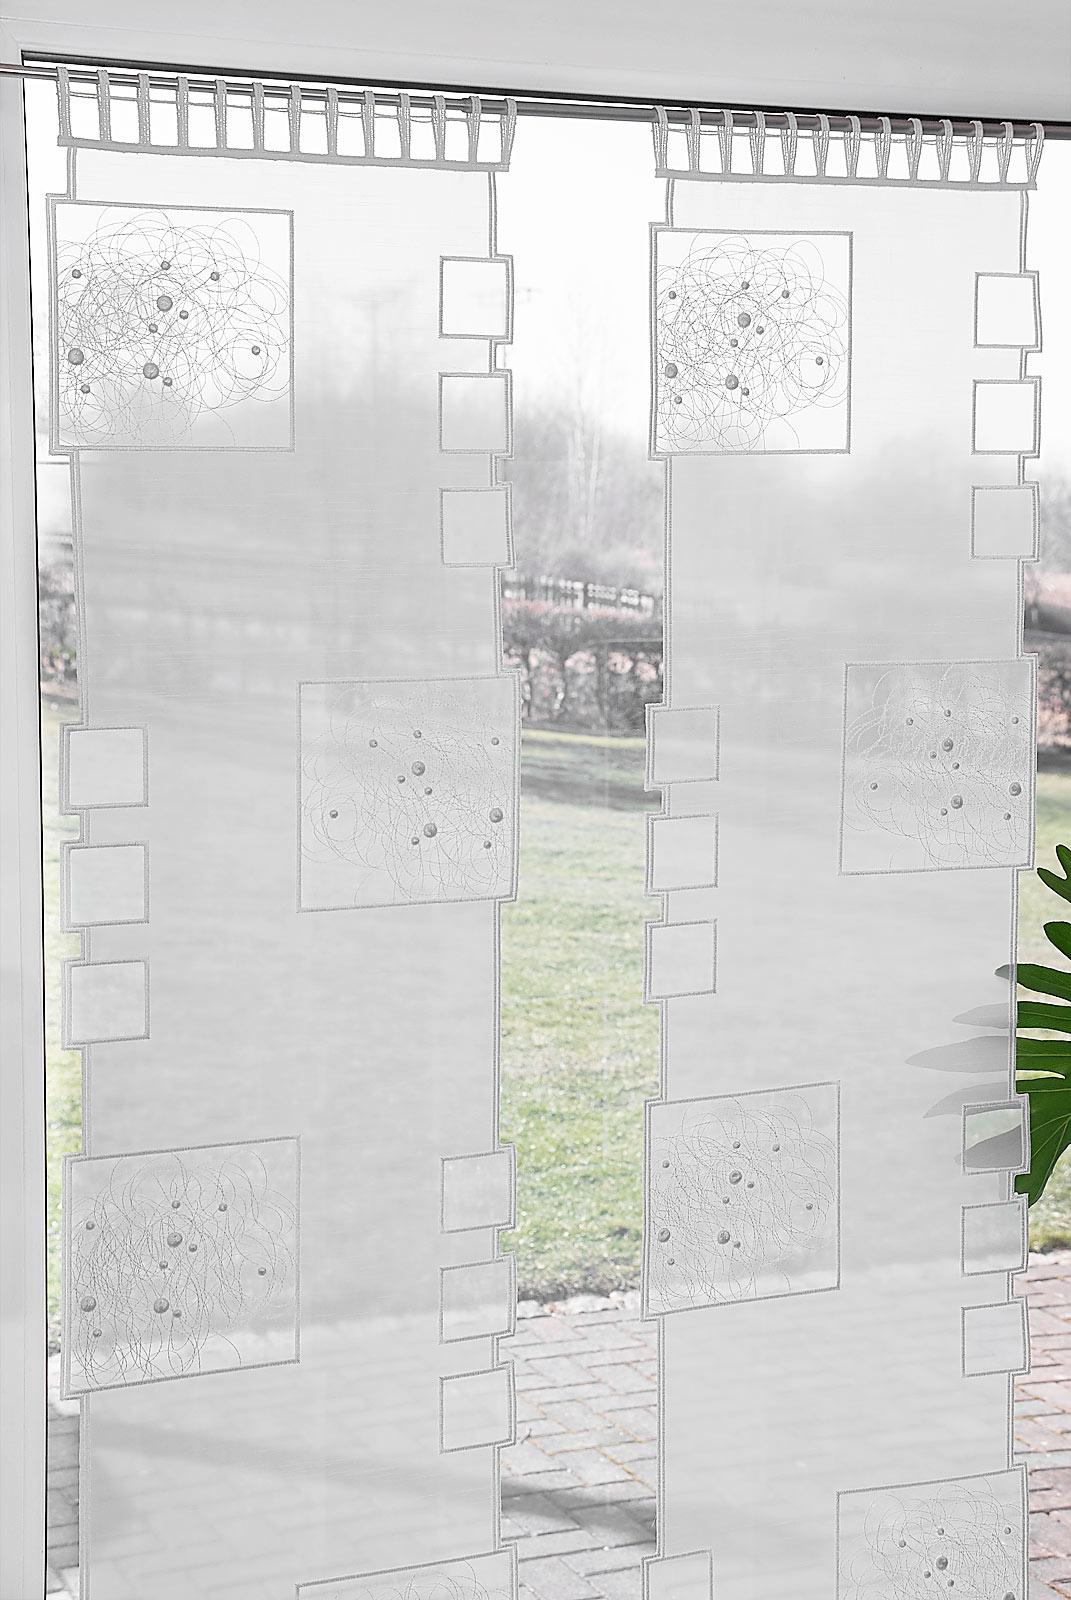 Full Size of Modernes Bett 180x200 Moderne Esstische Deckenleuchte Wohnzimmer Landhausküche Duschen Sofa Scheibengardinen Küche Bilder Fürs Wohnzimmer Moderne Scheibengardinen